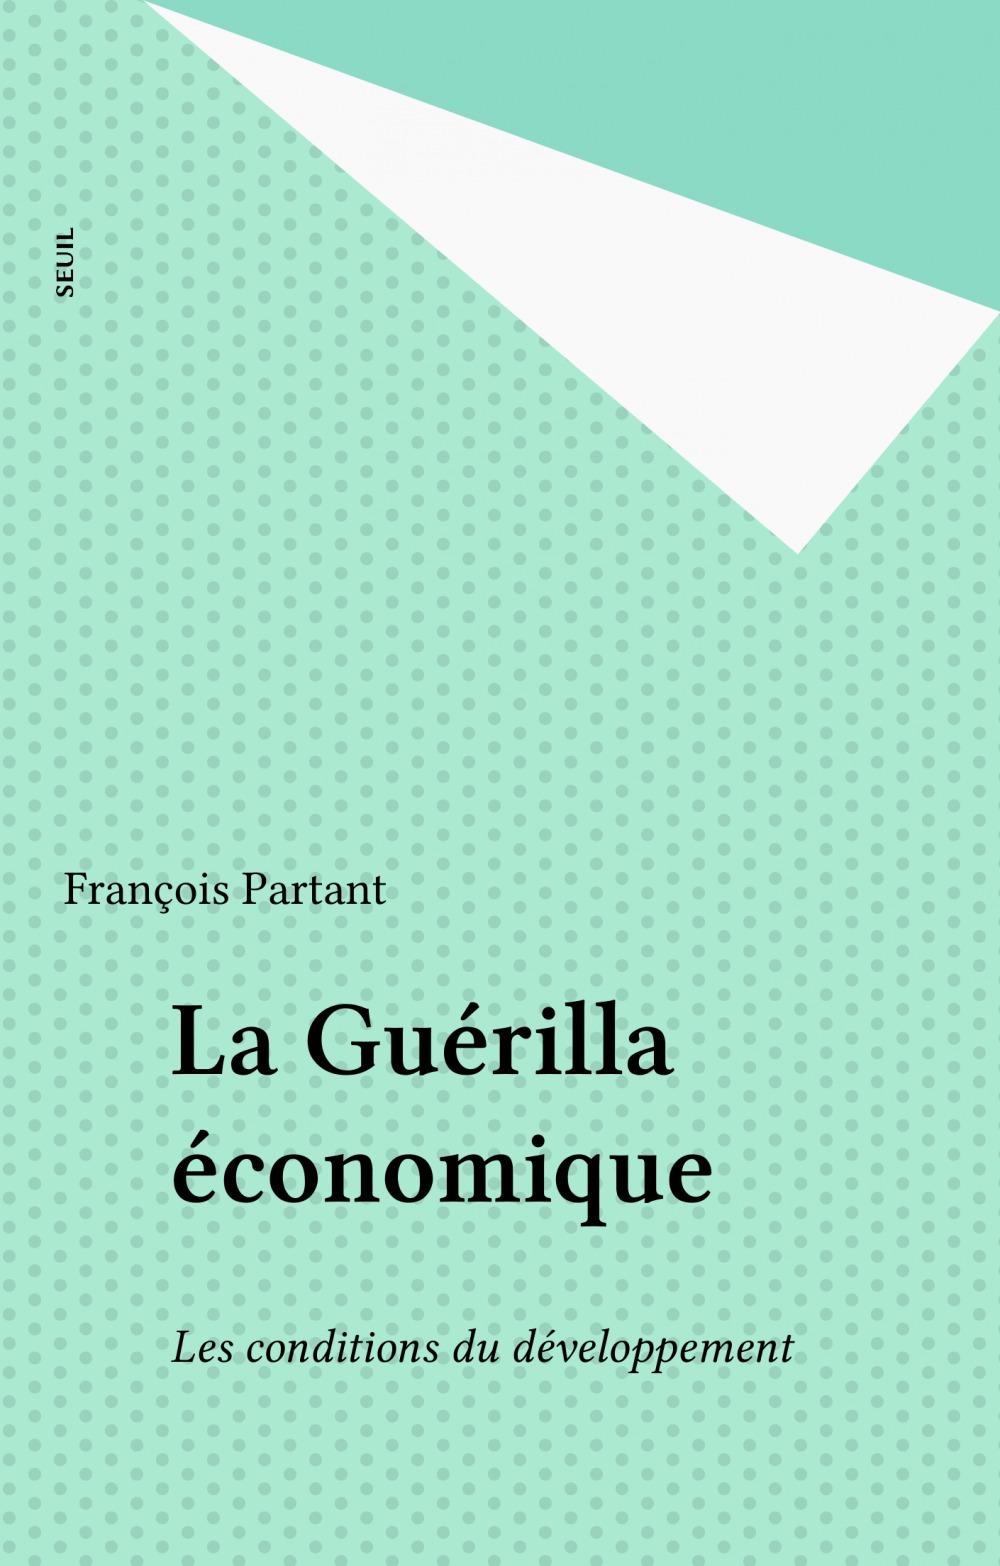 François Partant La Guérilla économique